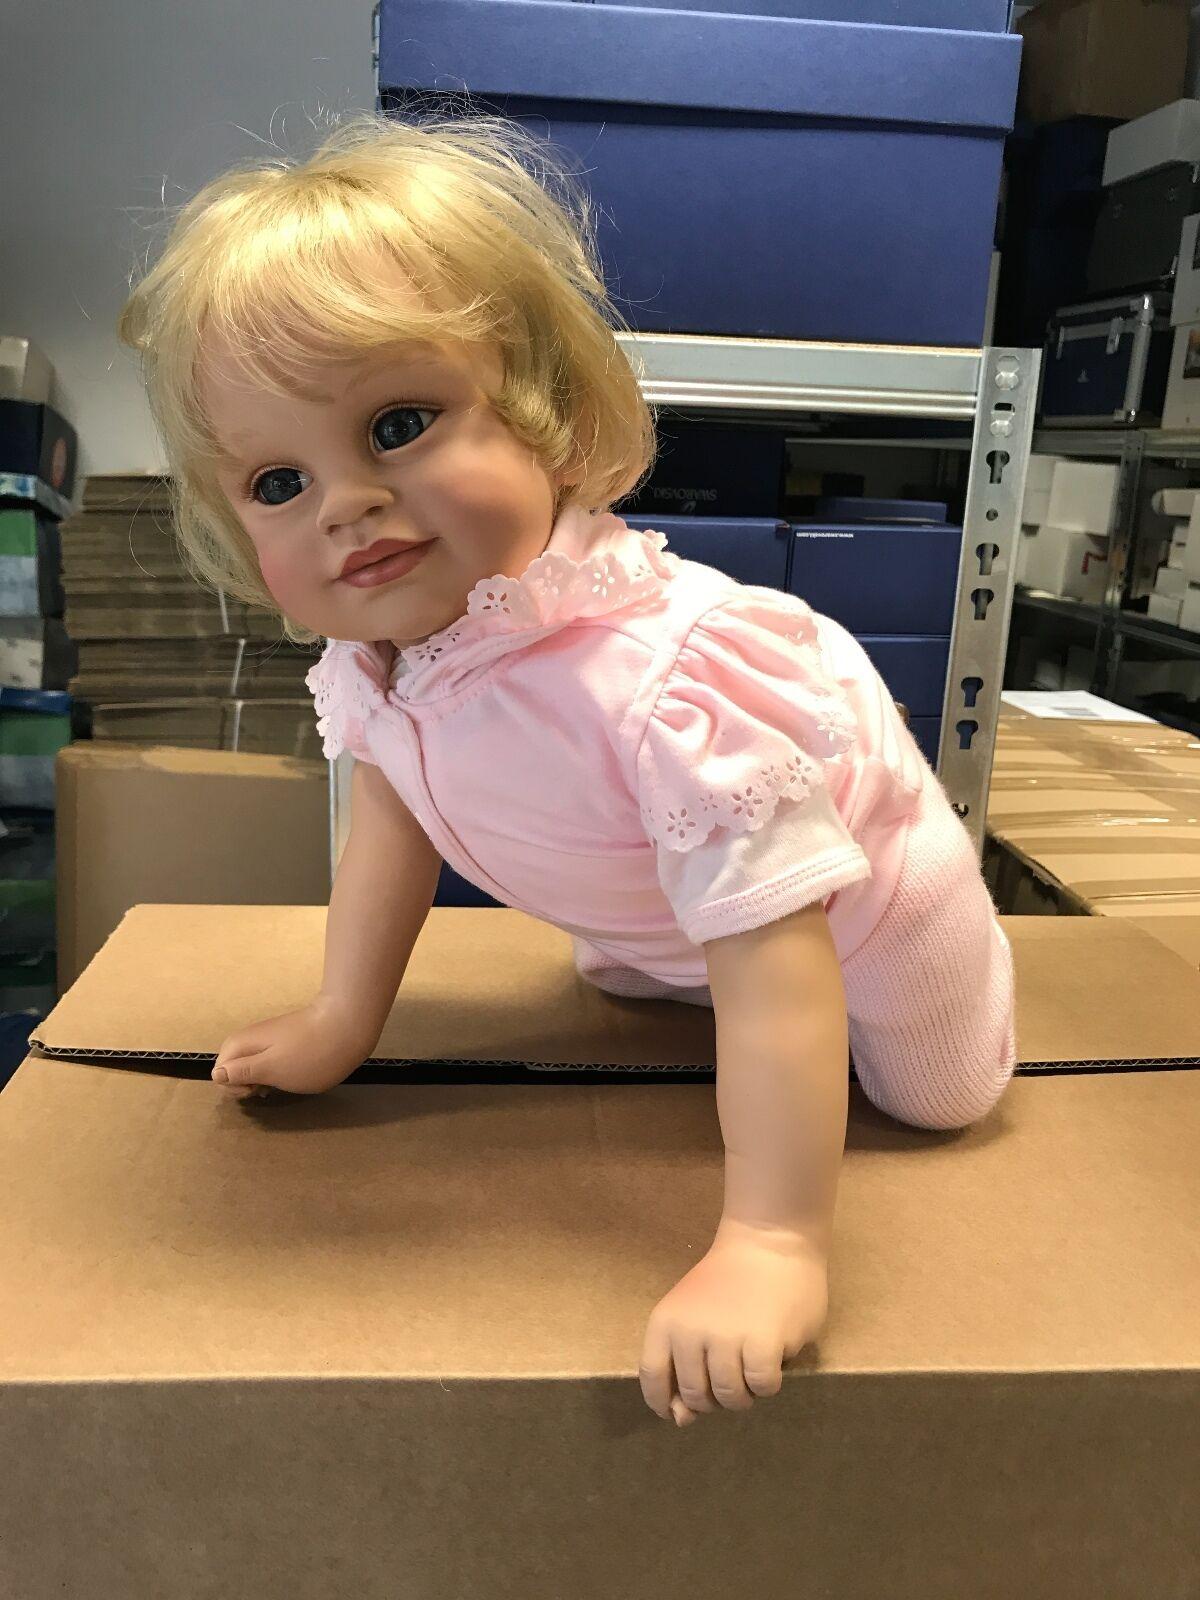 Pamela Erff vinile bambola 50 cm. edizione limitata. Top Condizione